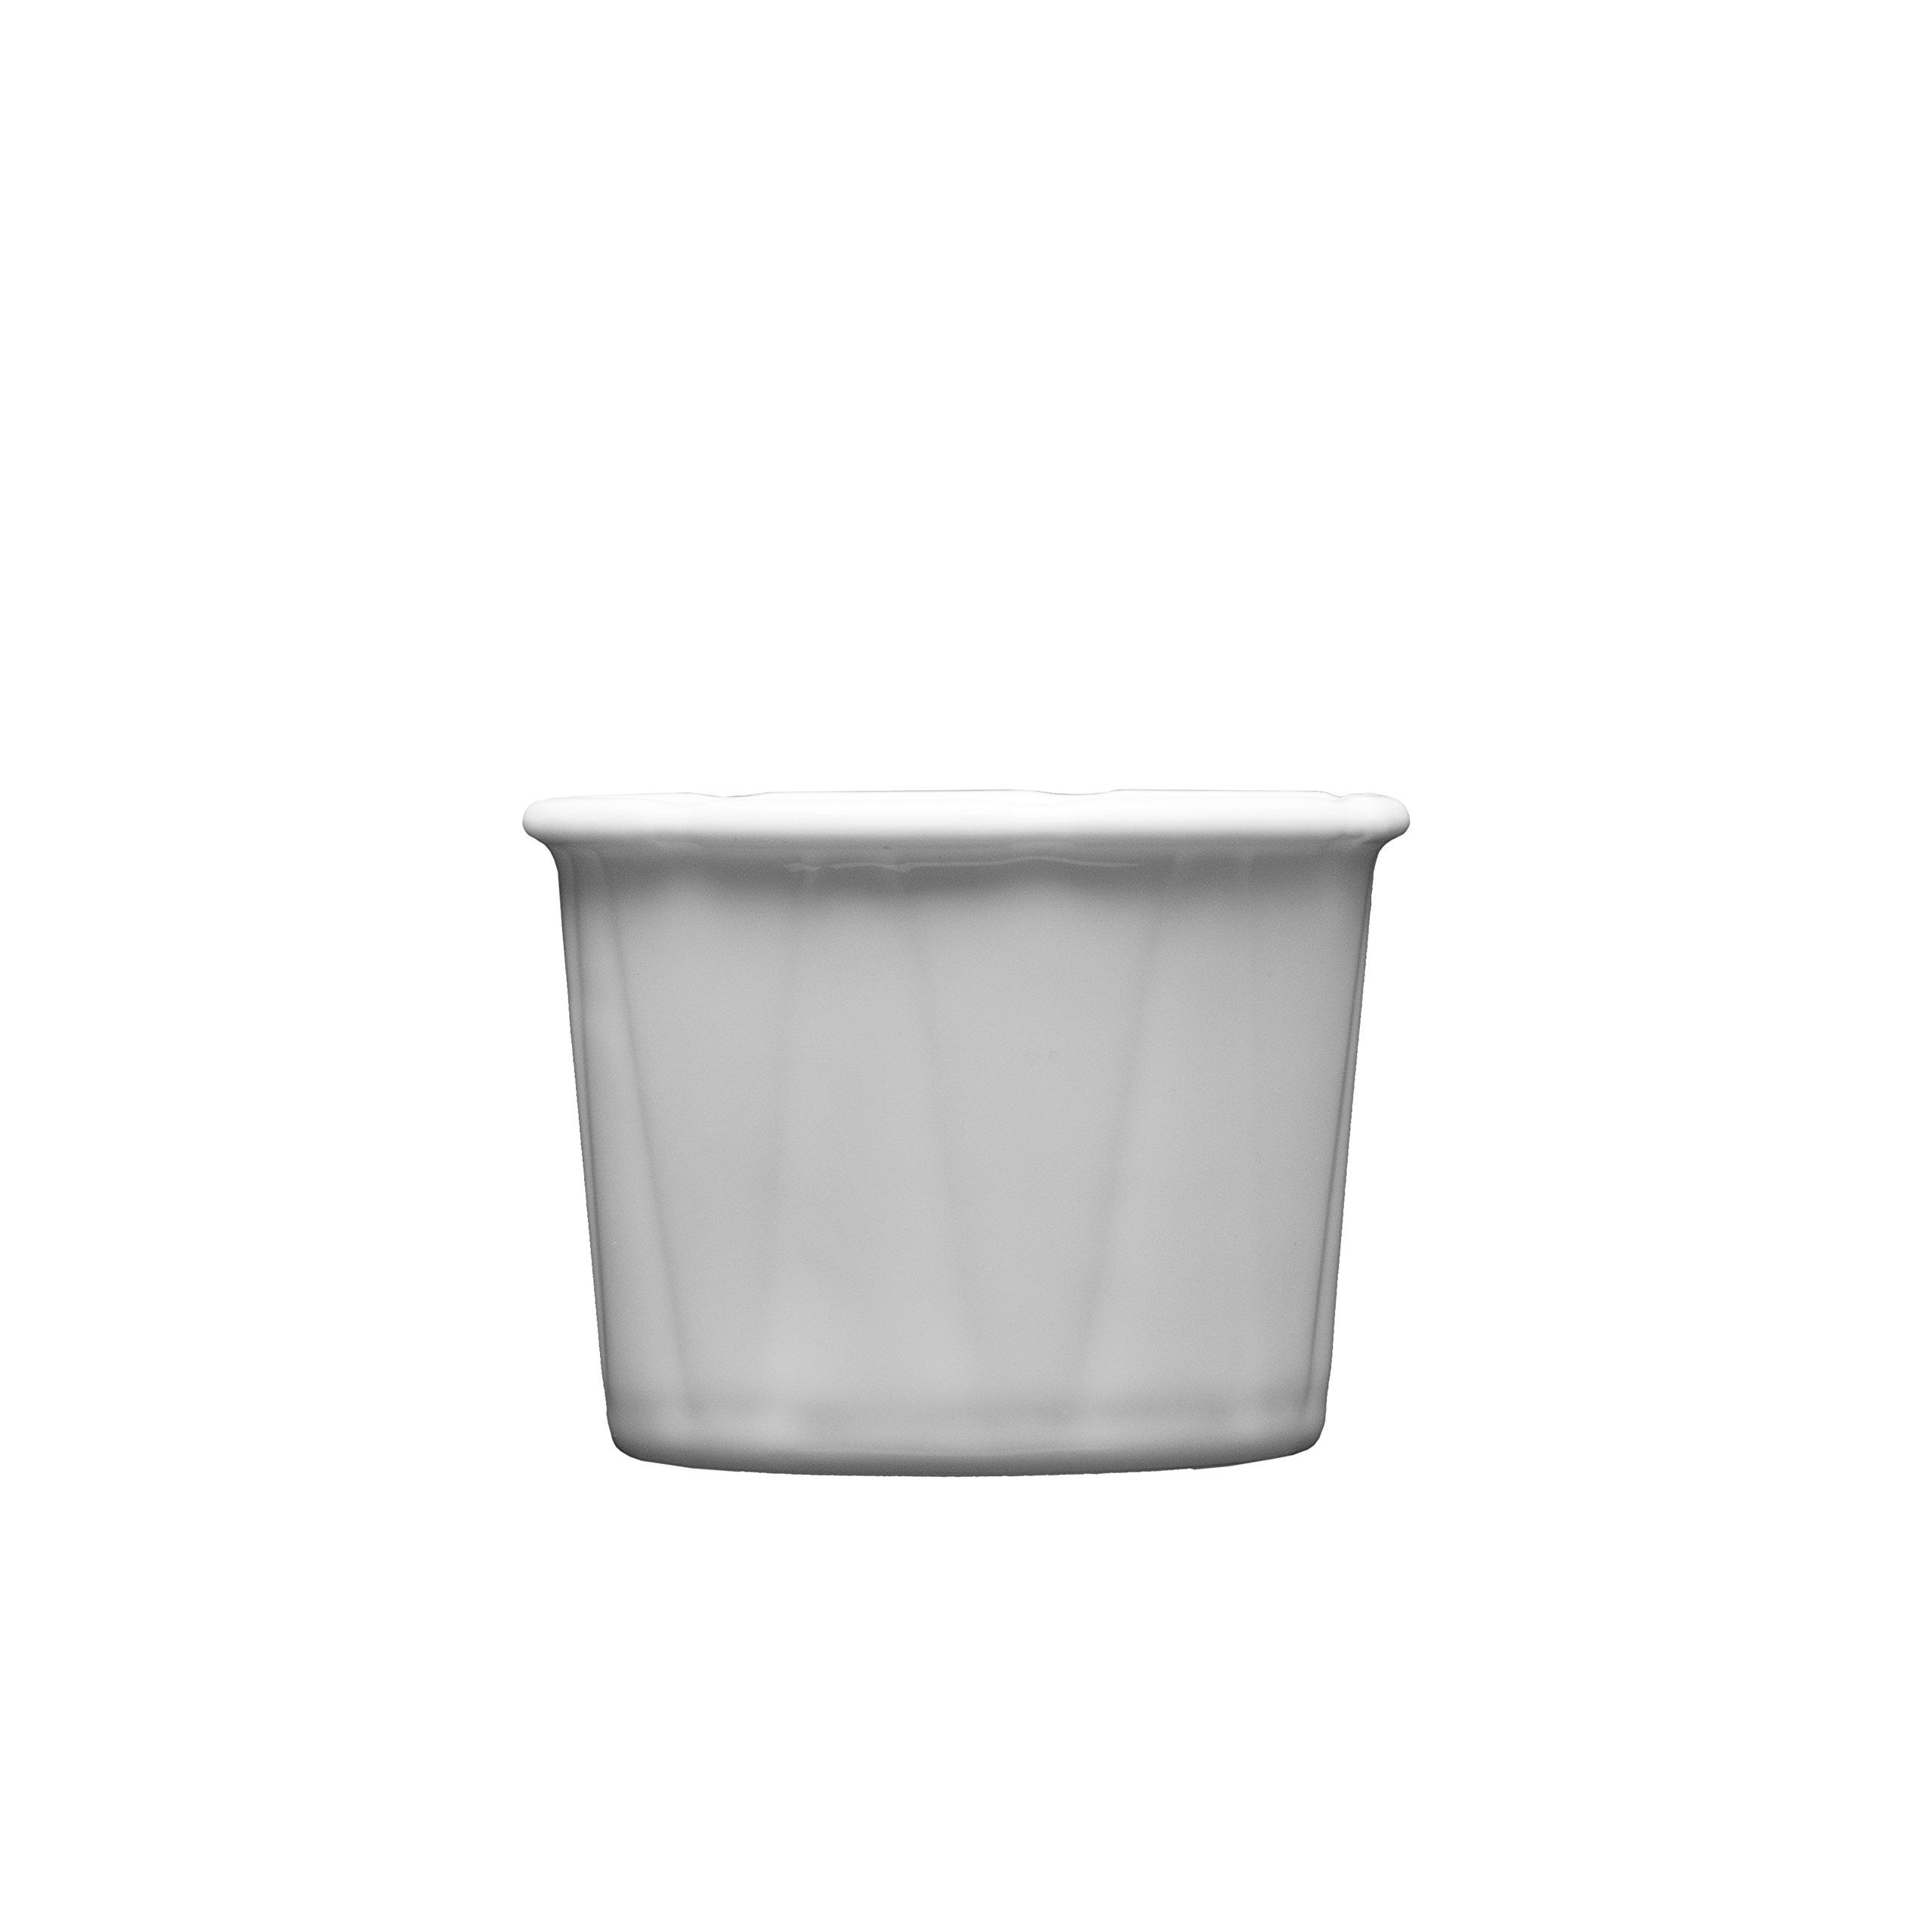 Fortessa Fortaluxe Food Truck Chic Small Condiment/Soufflà Dish, 2.25-Inch, Set of 4